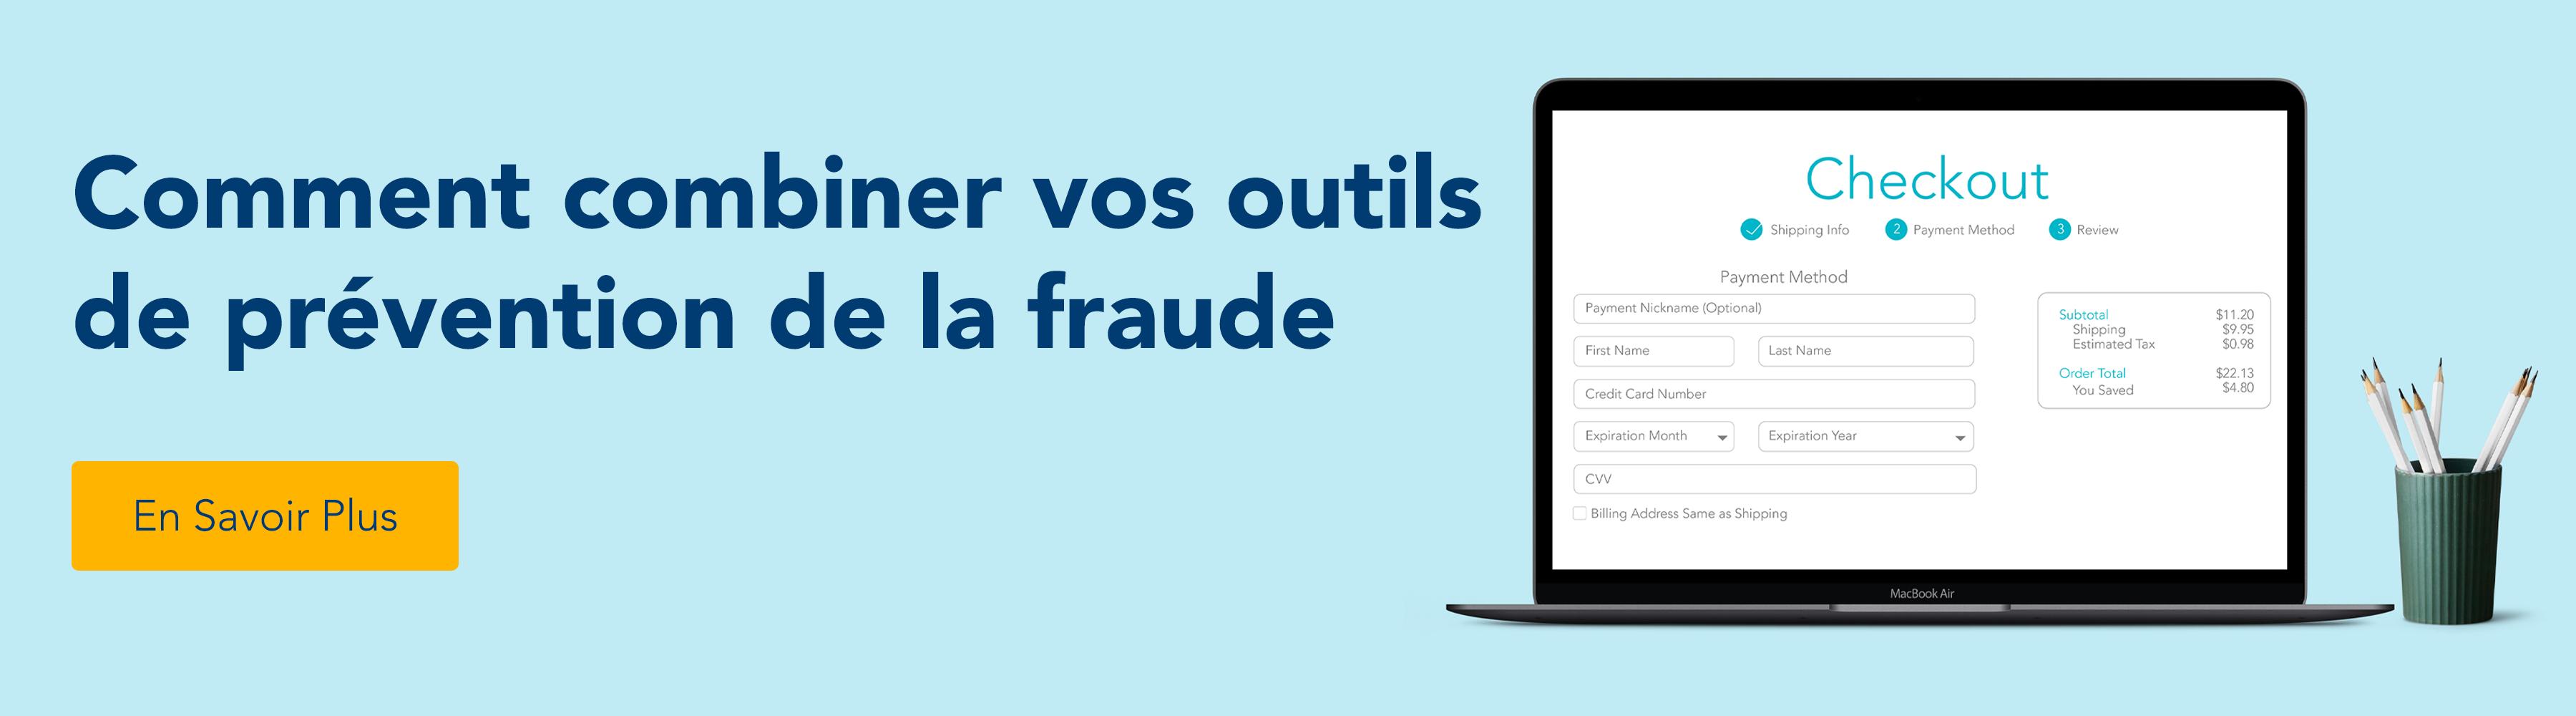 Comment combiner vos outils de prévention de la fraude